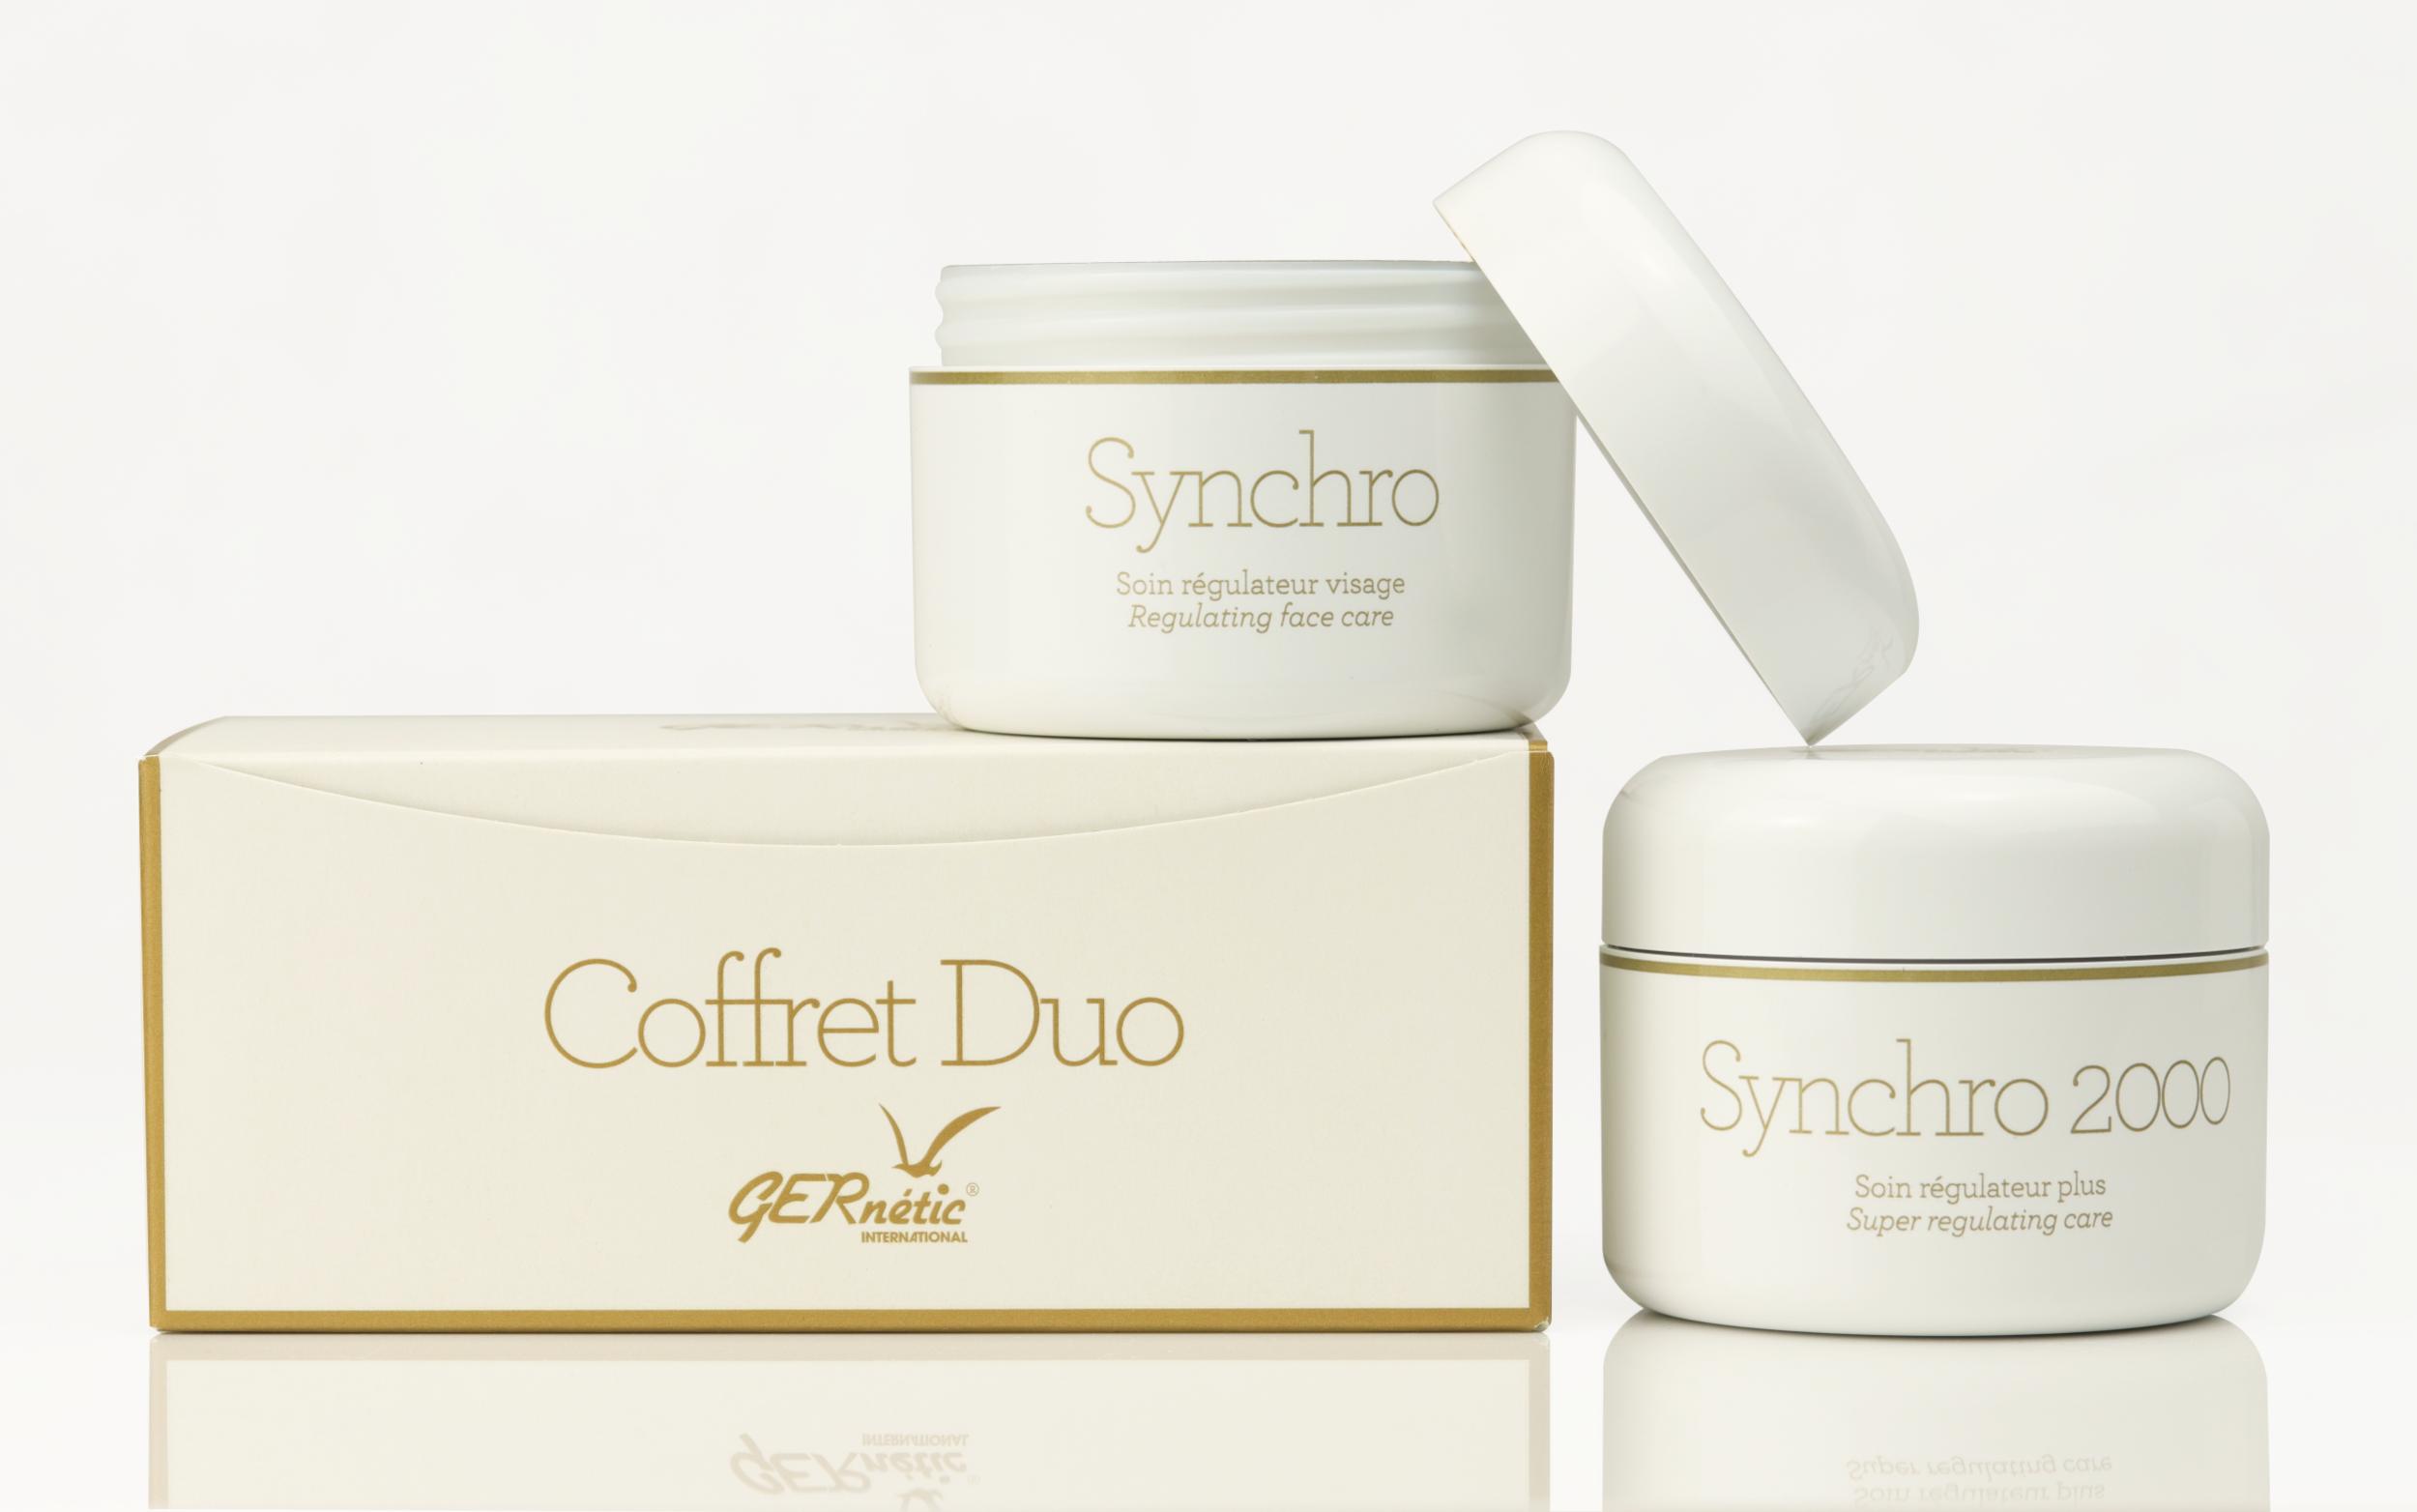 Coffret Duo Synchro/Synchro 2000